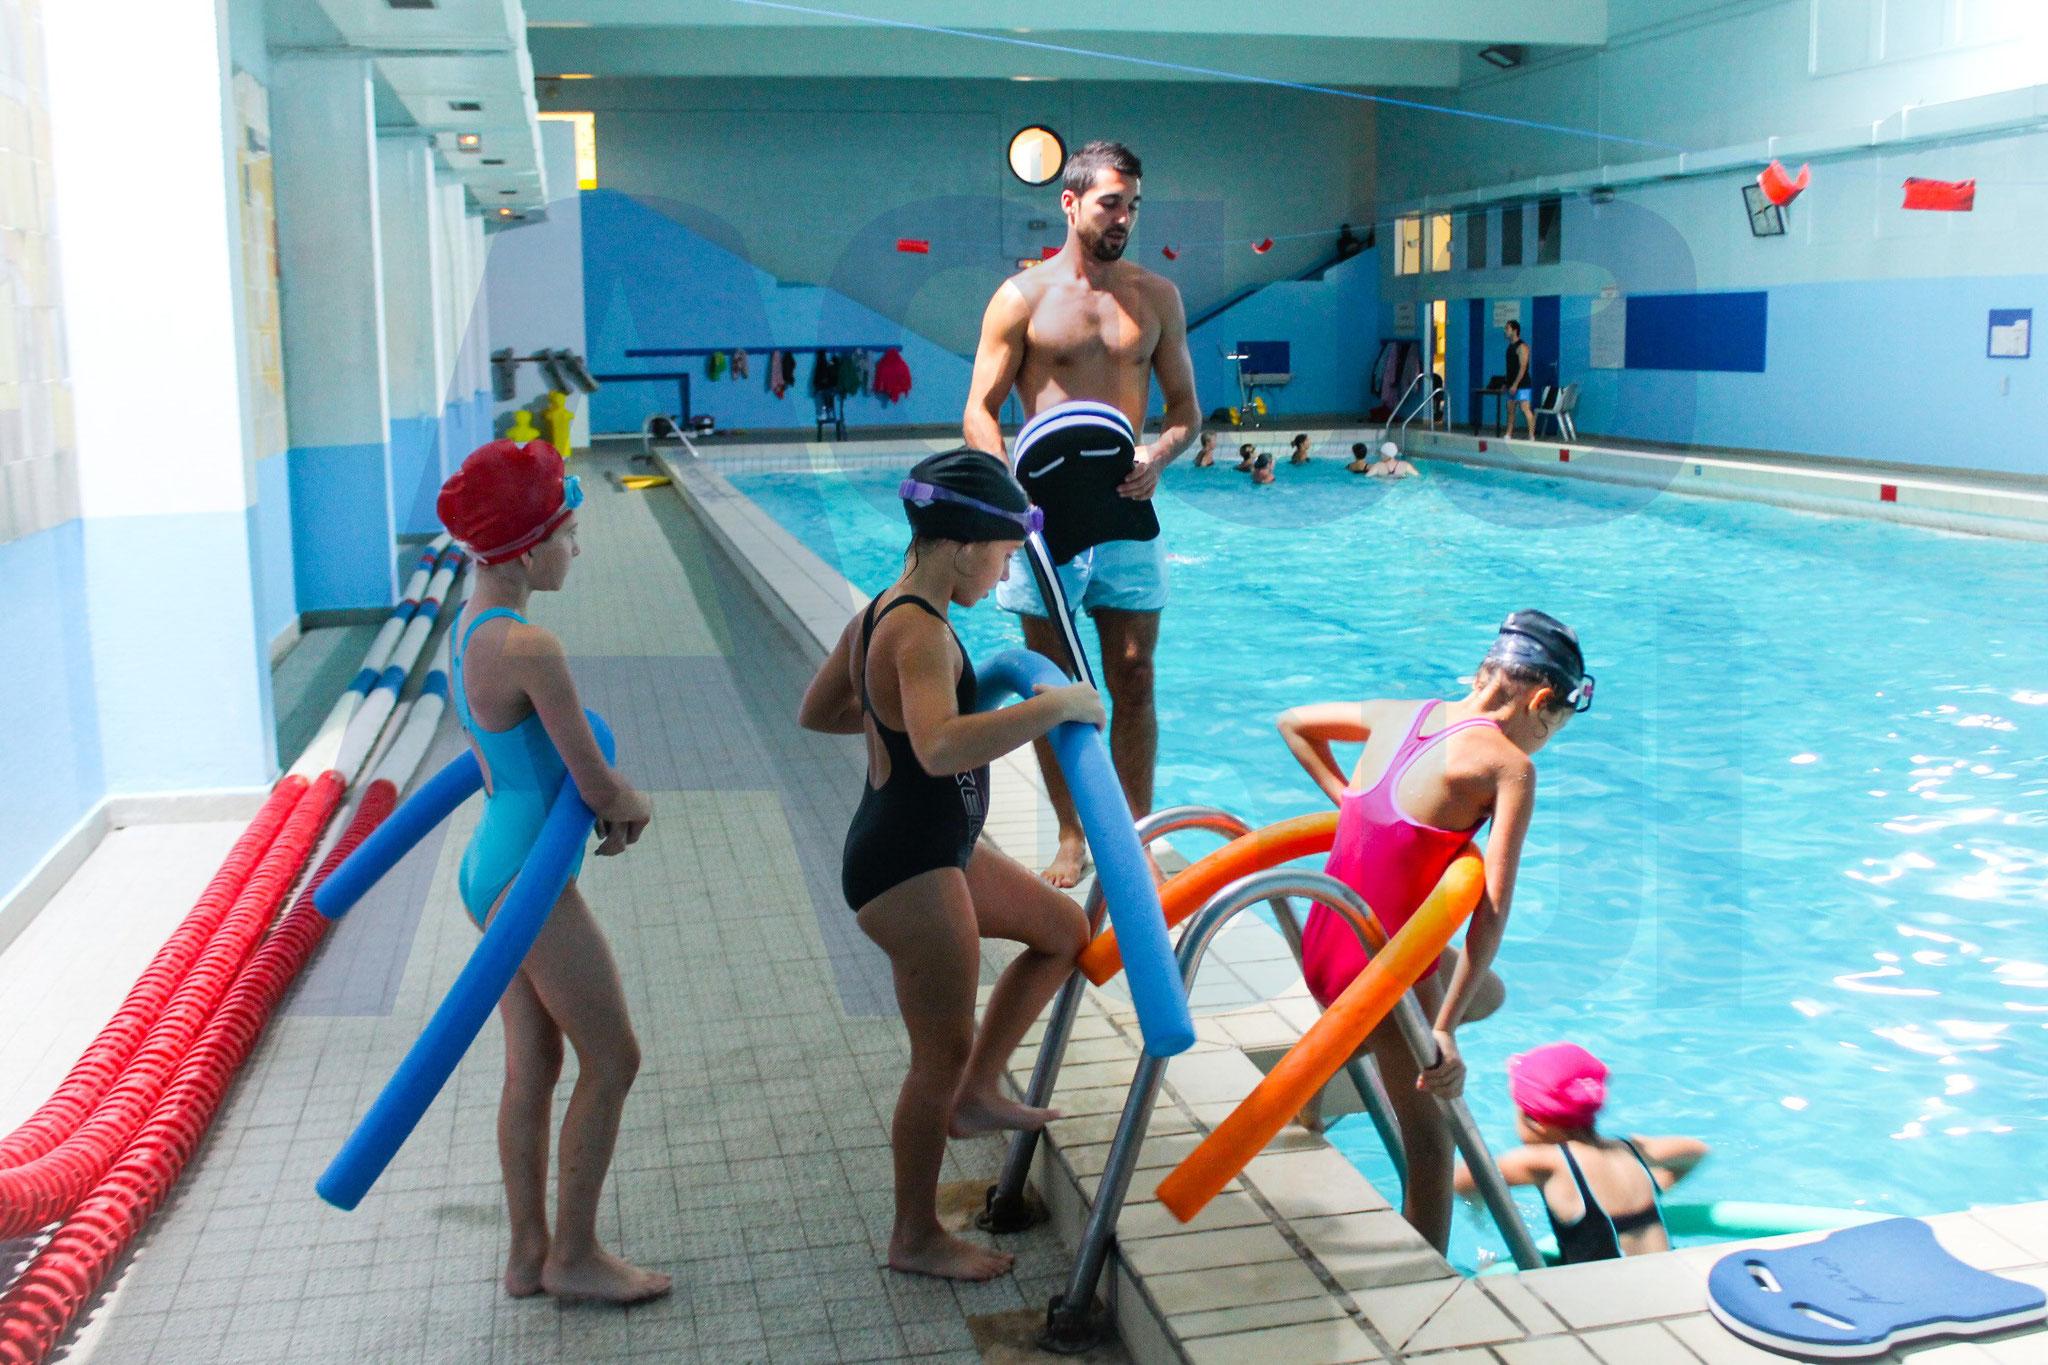 Cours de natation - Marseille - Aquabul